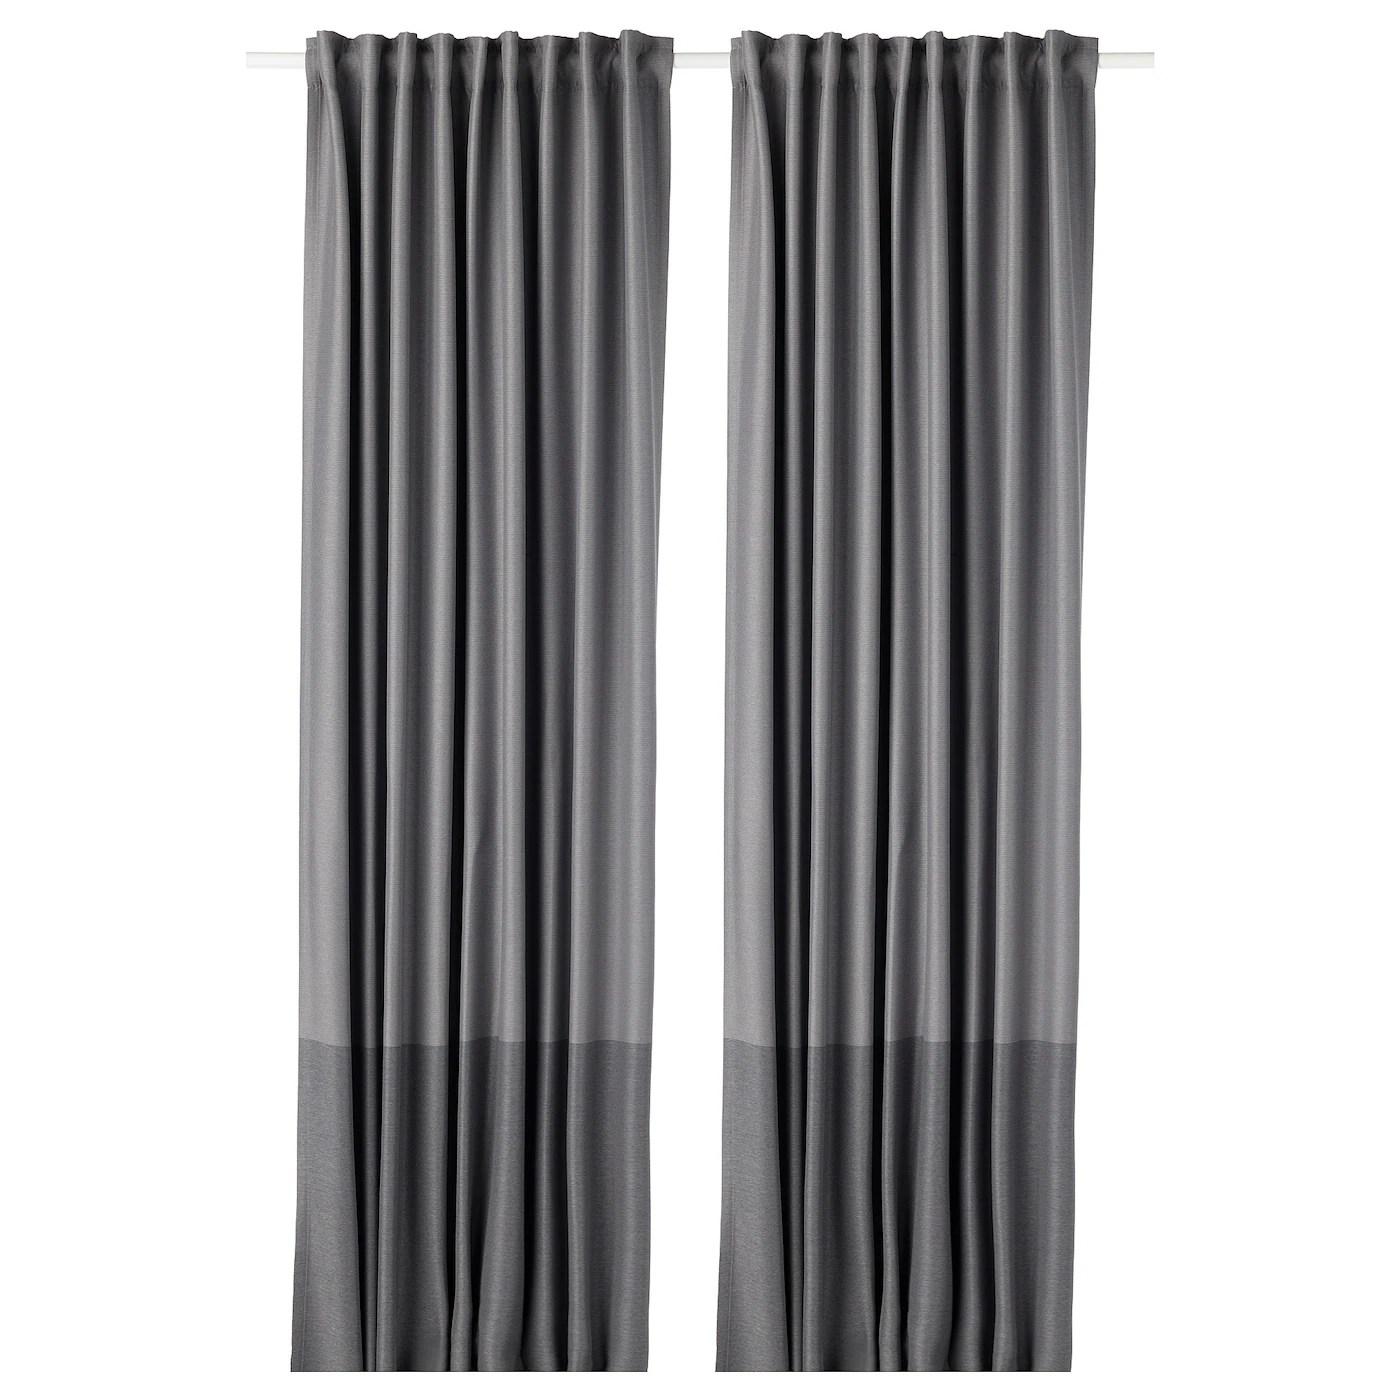 marjun room darkening curtains 1 pair gray 57x98